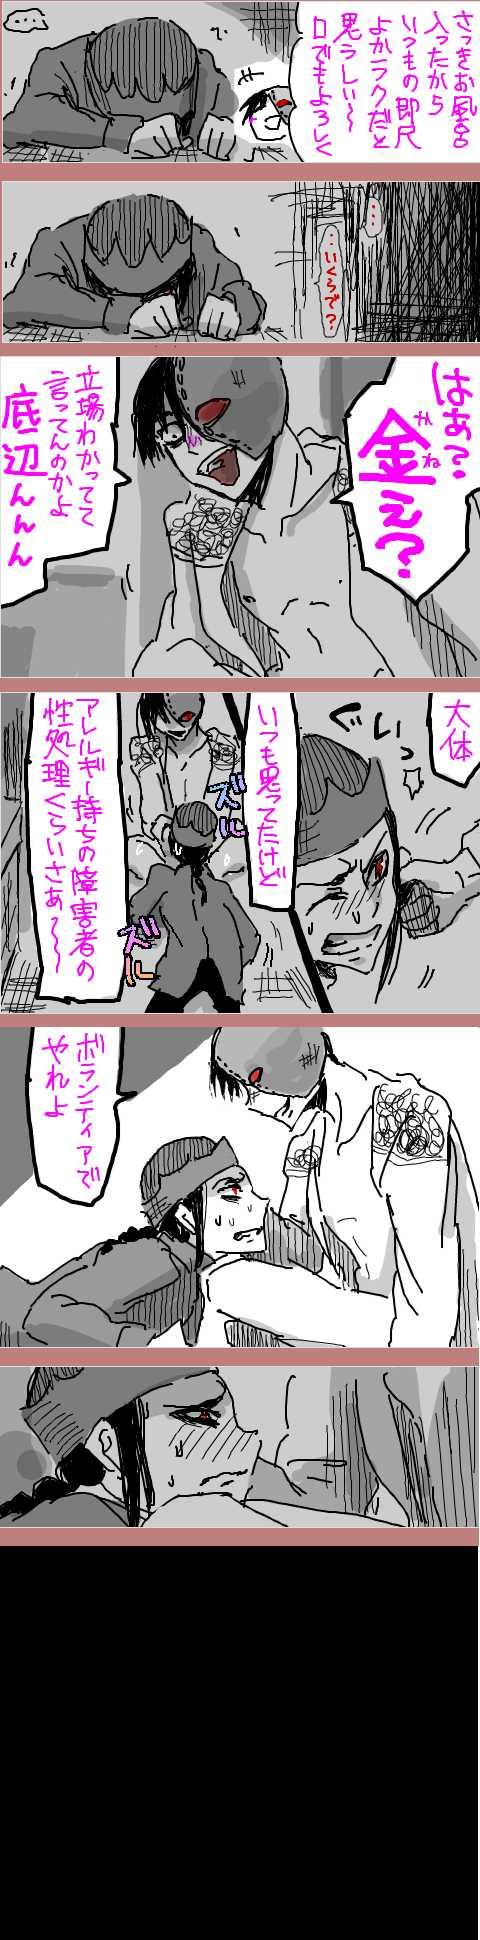 リーさんとKnたんのイザコザいちゃいちゃ交渉(?)